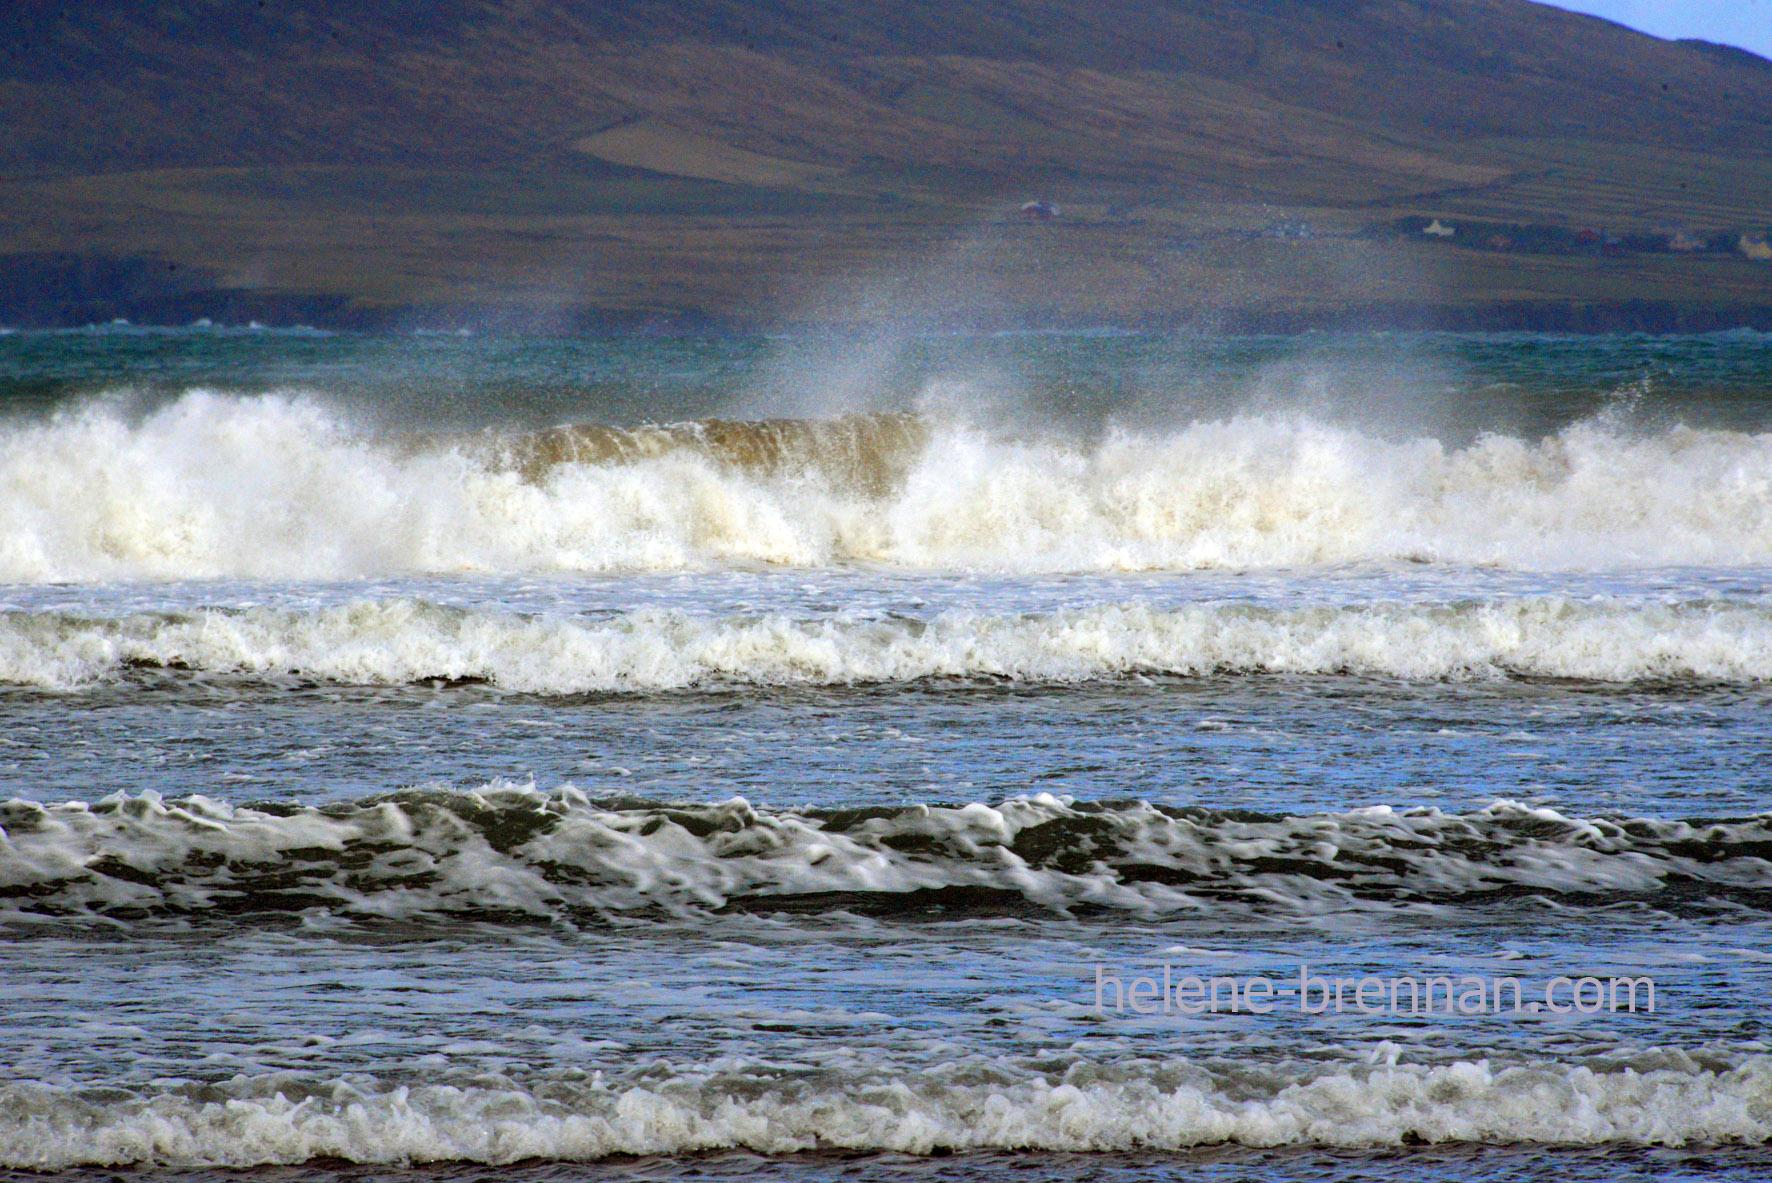 DSC_1581 beal ban rough sea